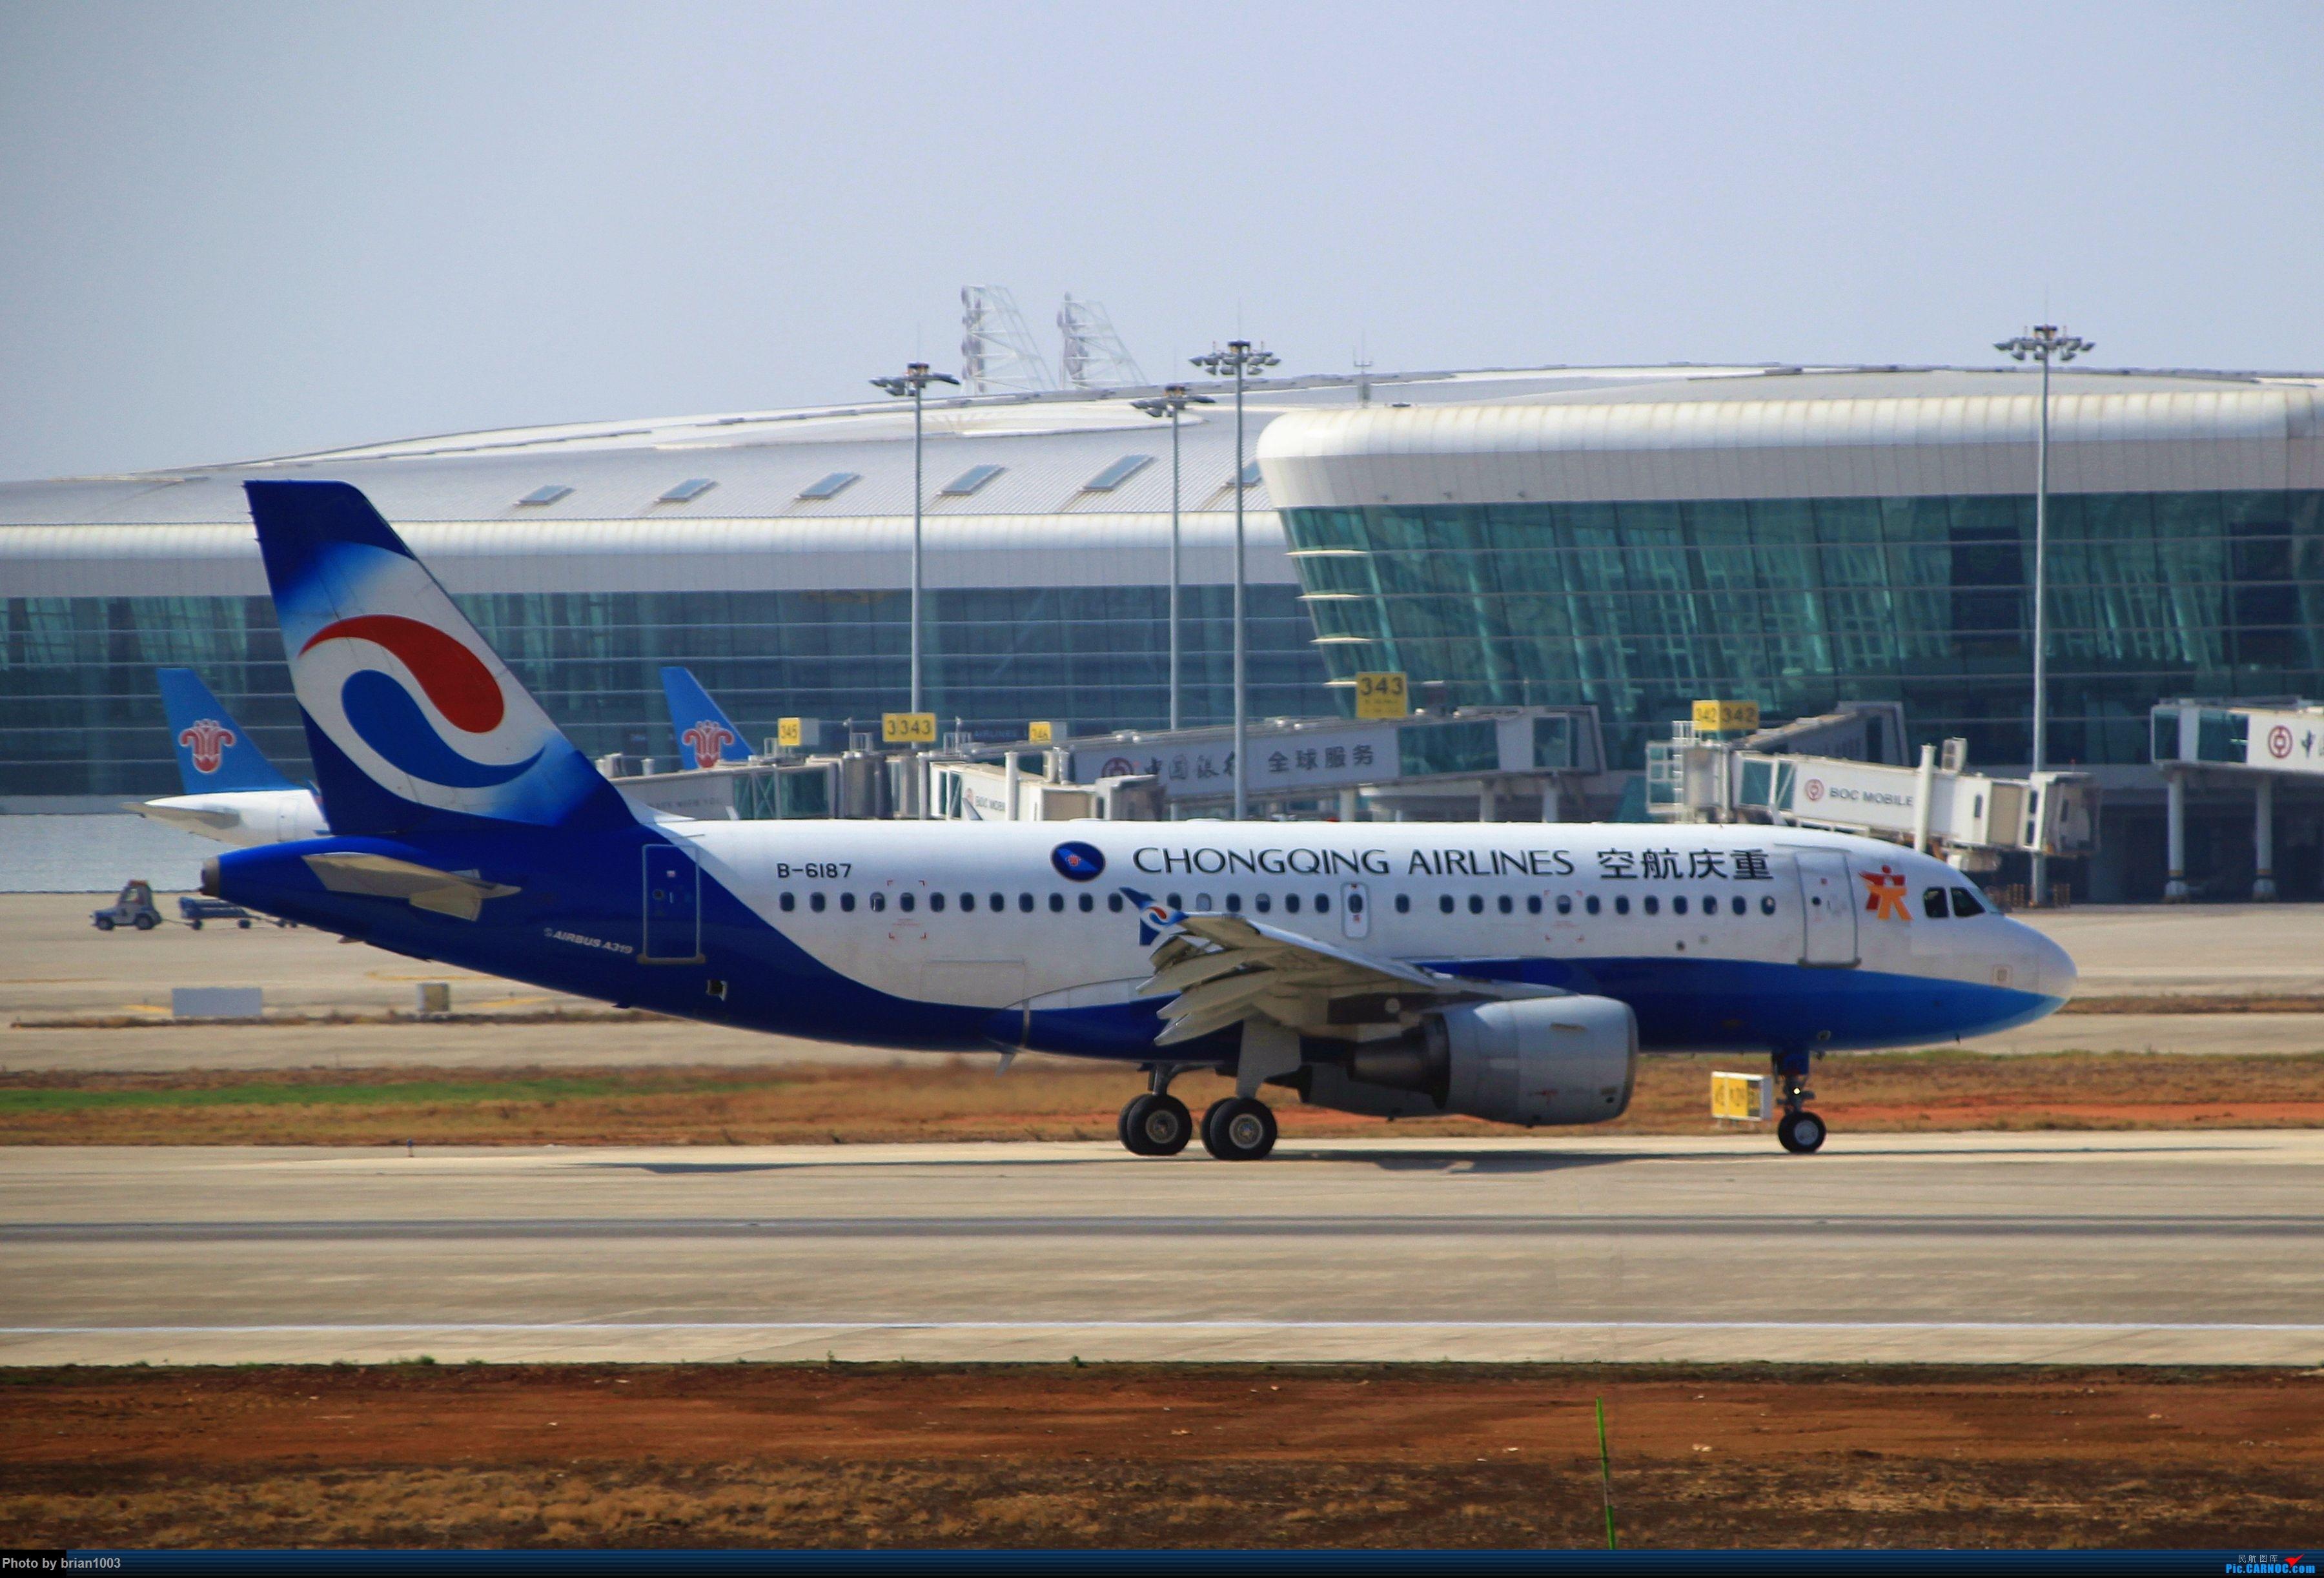 Re:[原创]WUH武汉天河机场拍机之精彩满满的十月(还可能更新) AIRBUS A319-100 B-6187 中国武汉天河国际机场